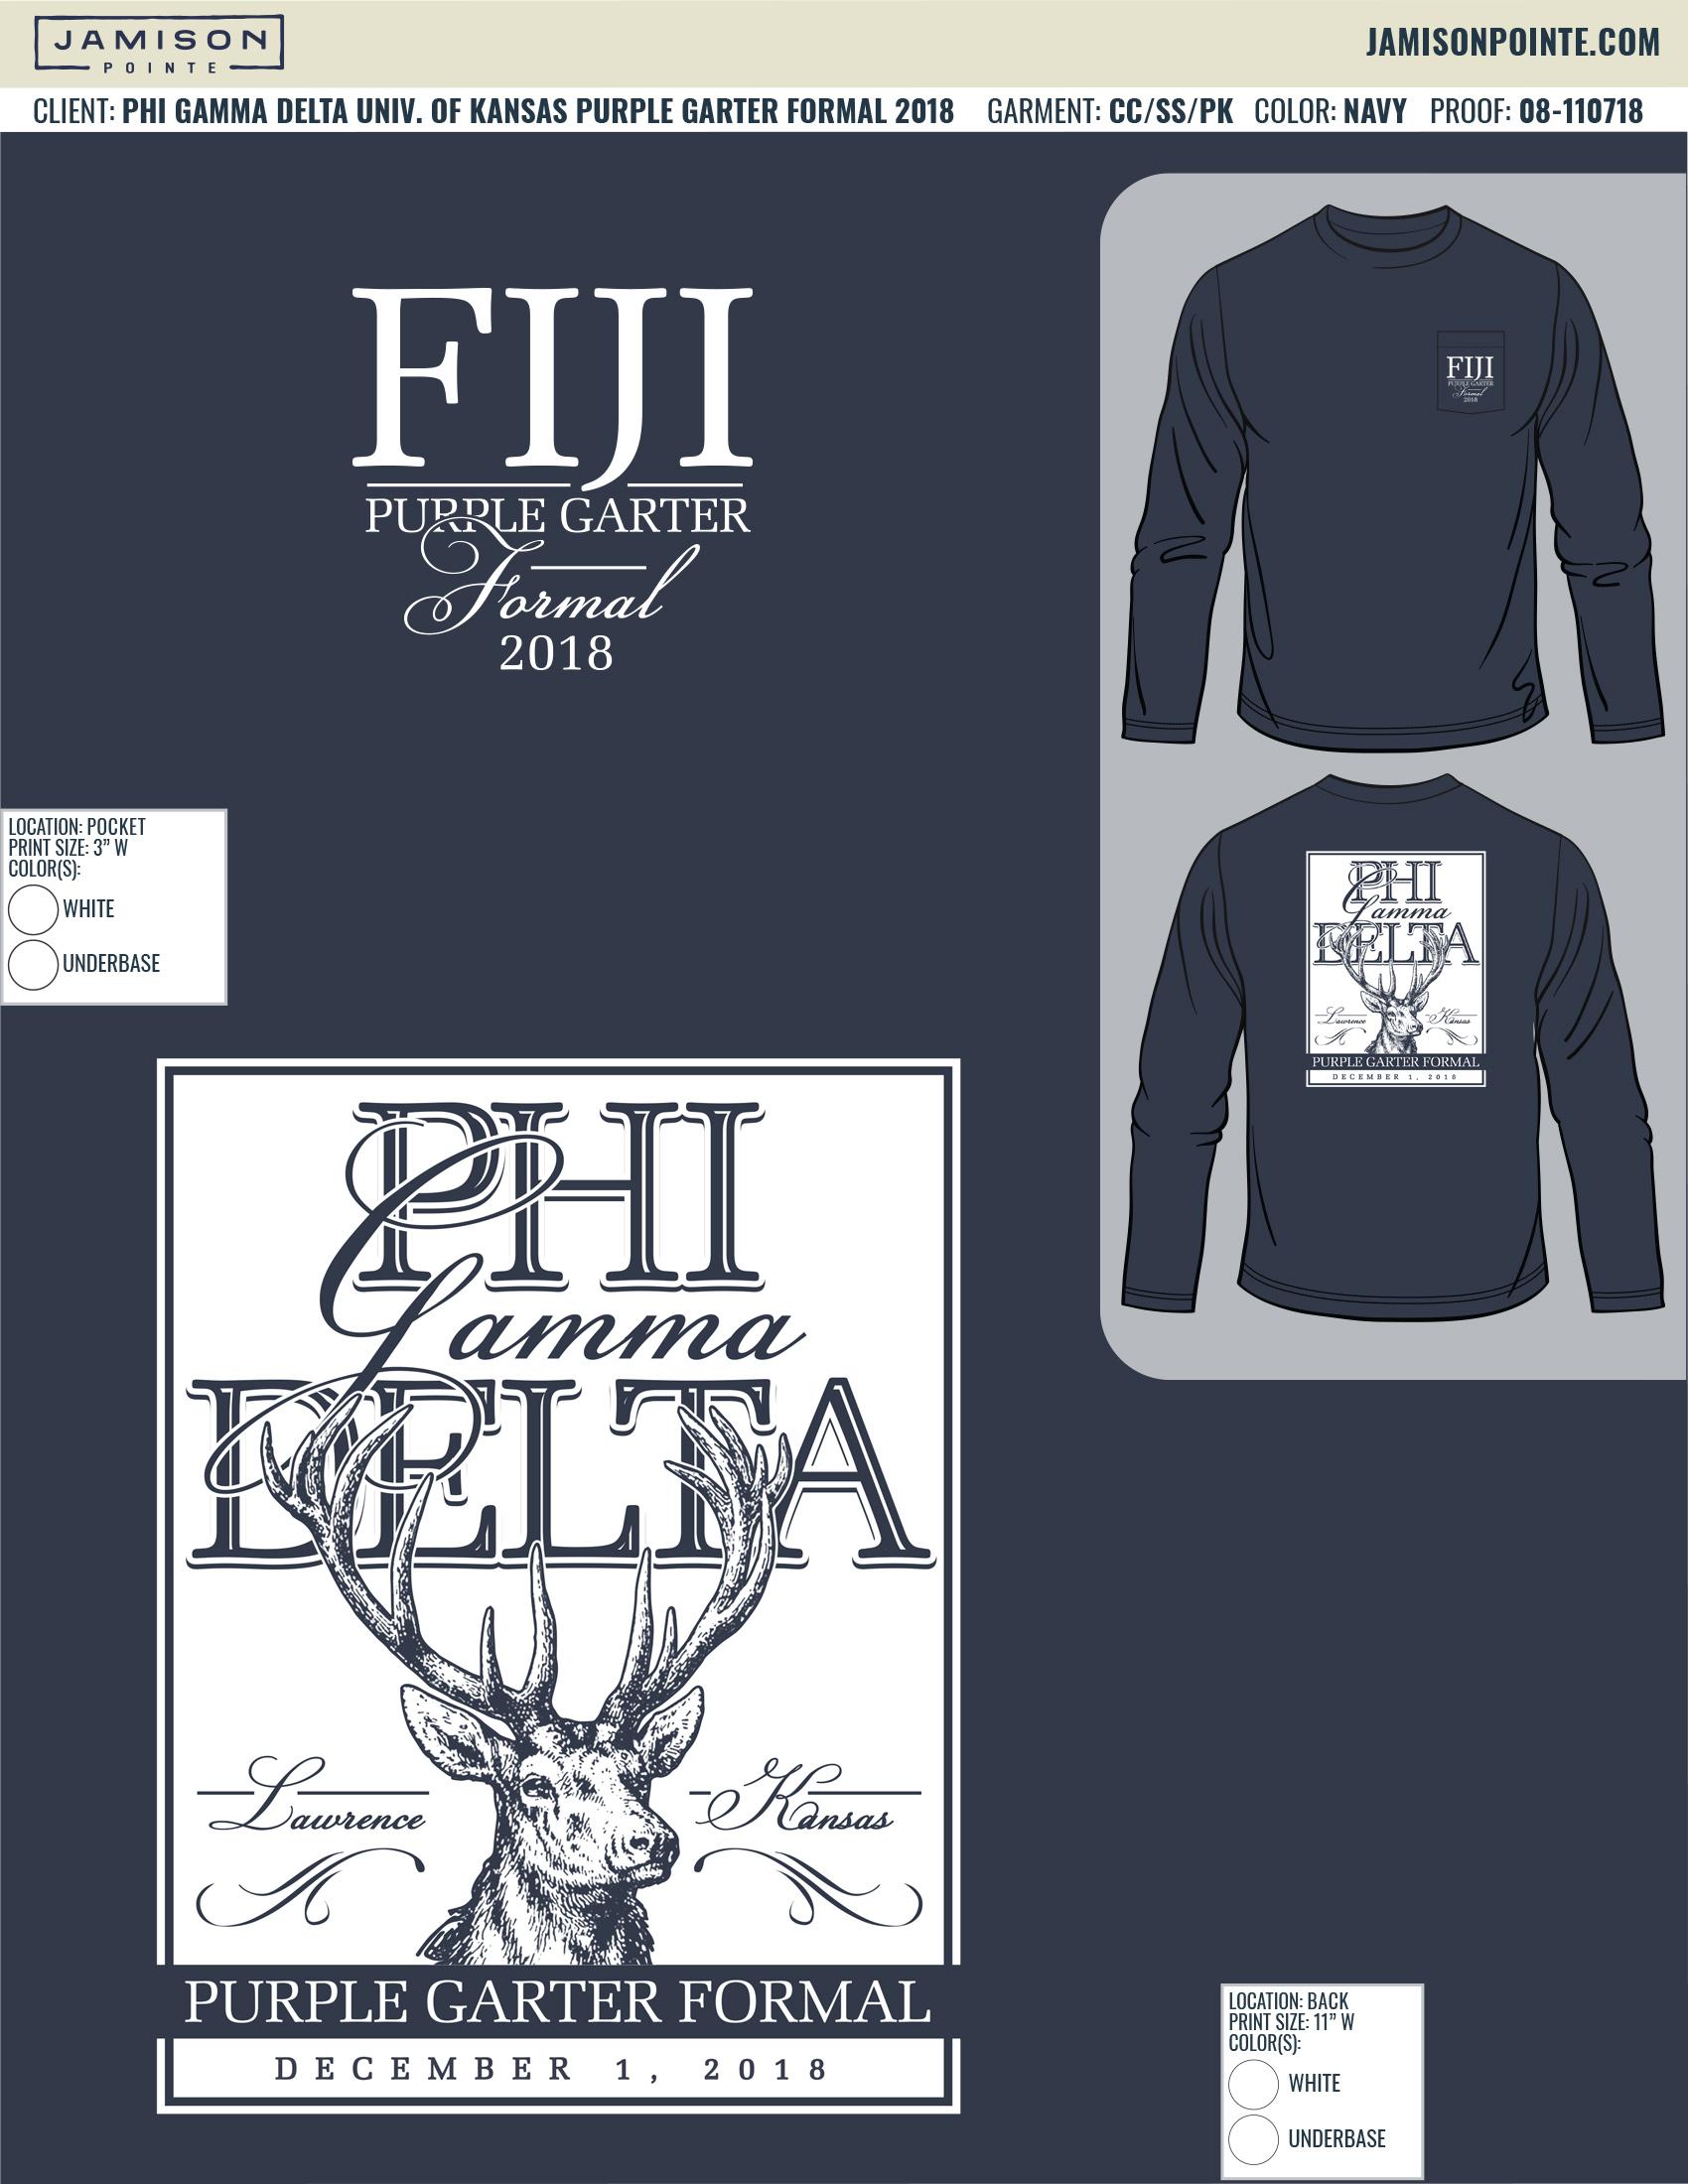 08-110718 Phi Gamma Delta University of Kansas Purple Garter Formal 2018.jpg